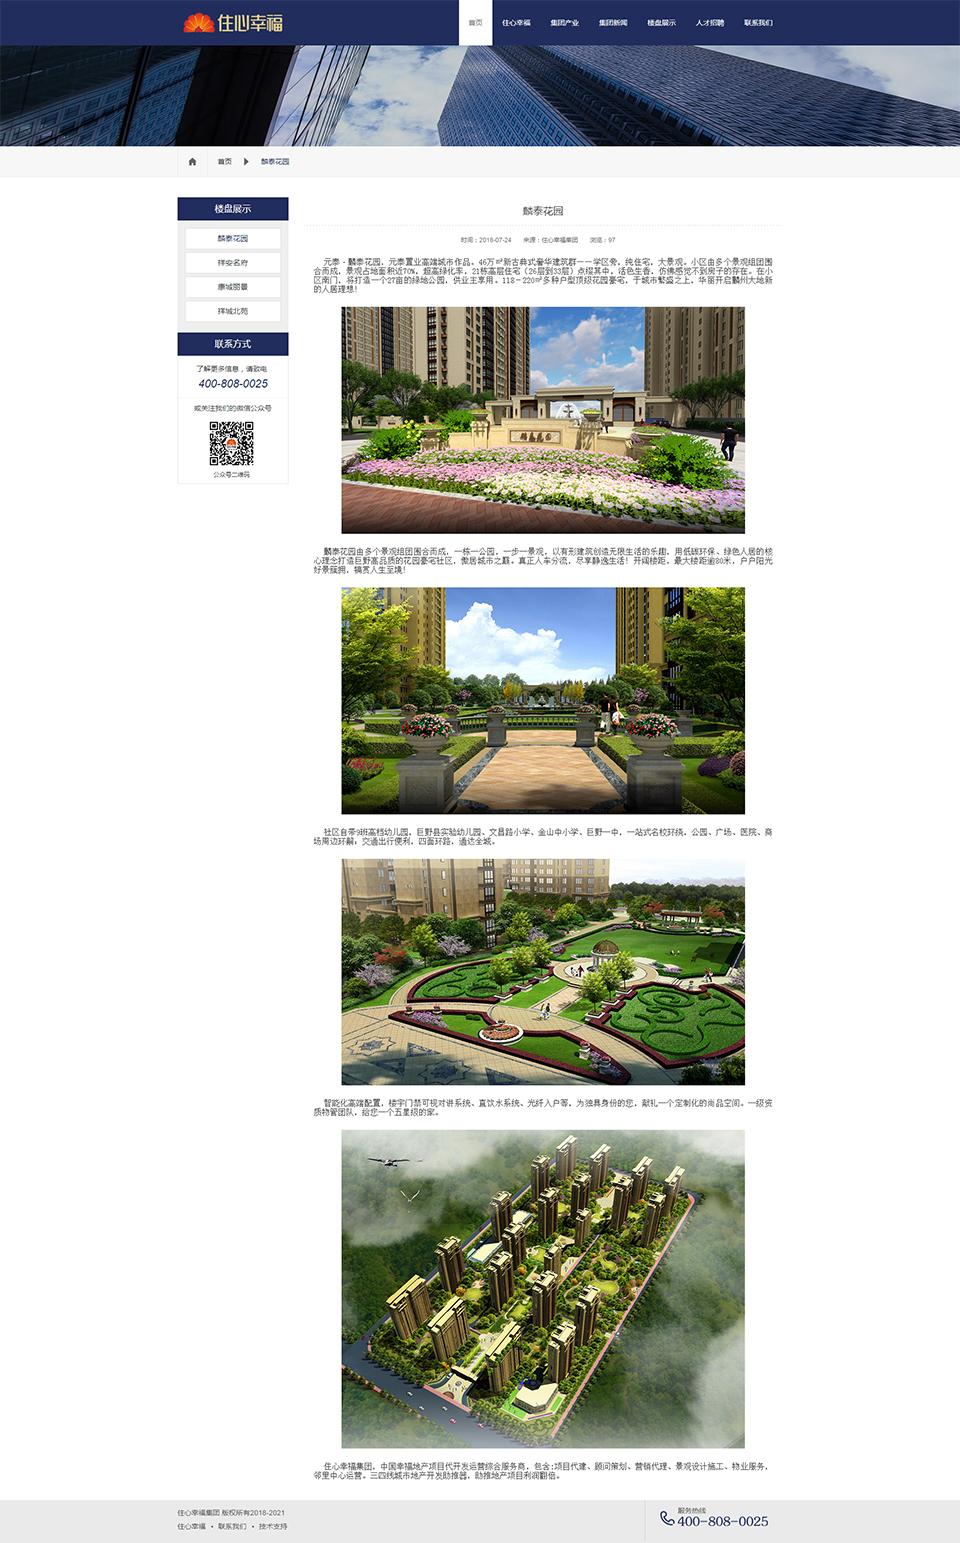 2住心幸福集团-中国幸福社区开发运营第一品牌.jpg